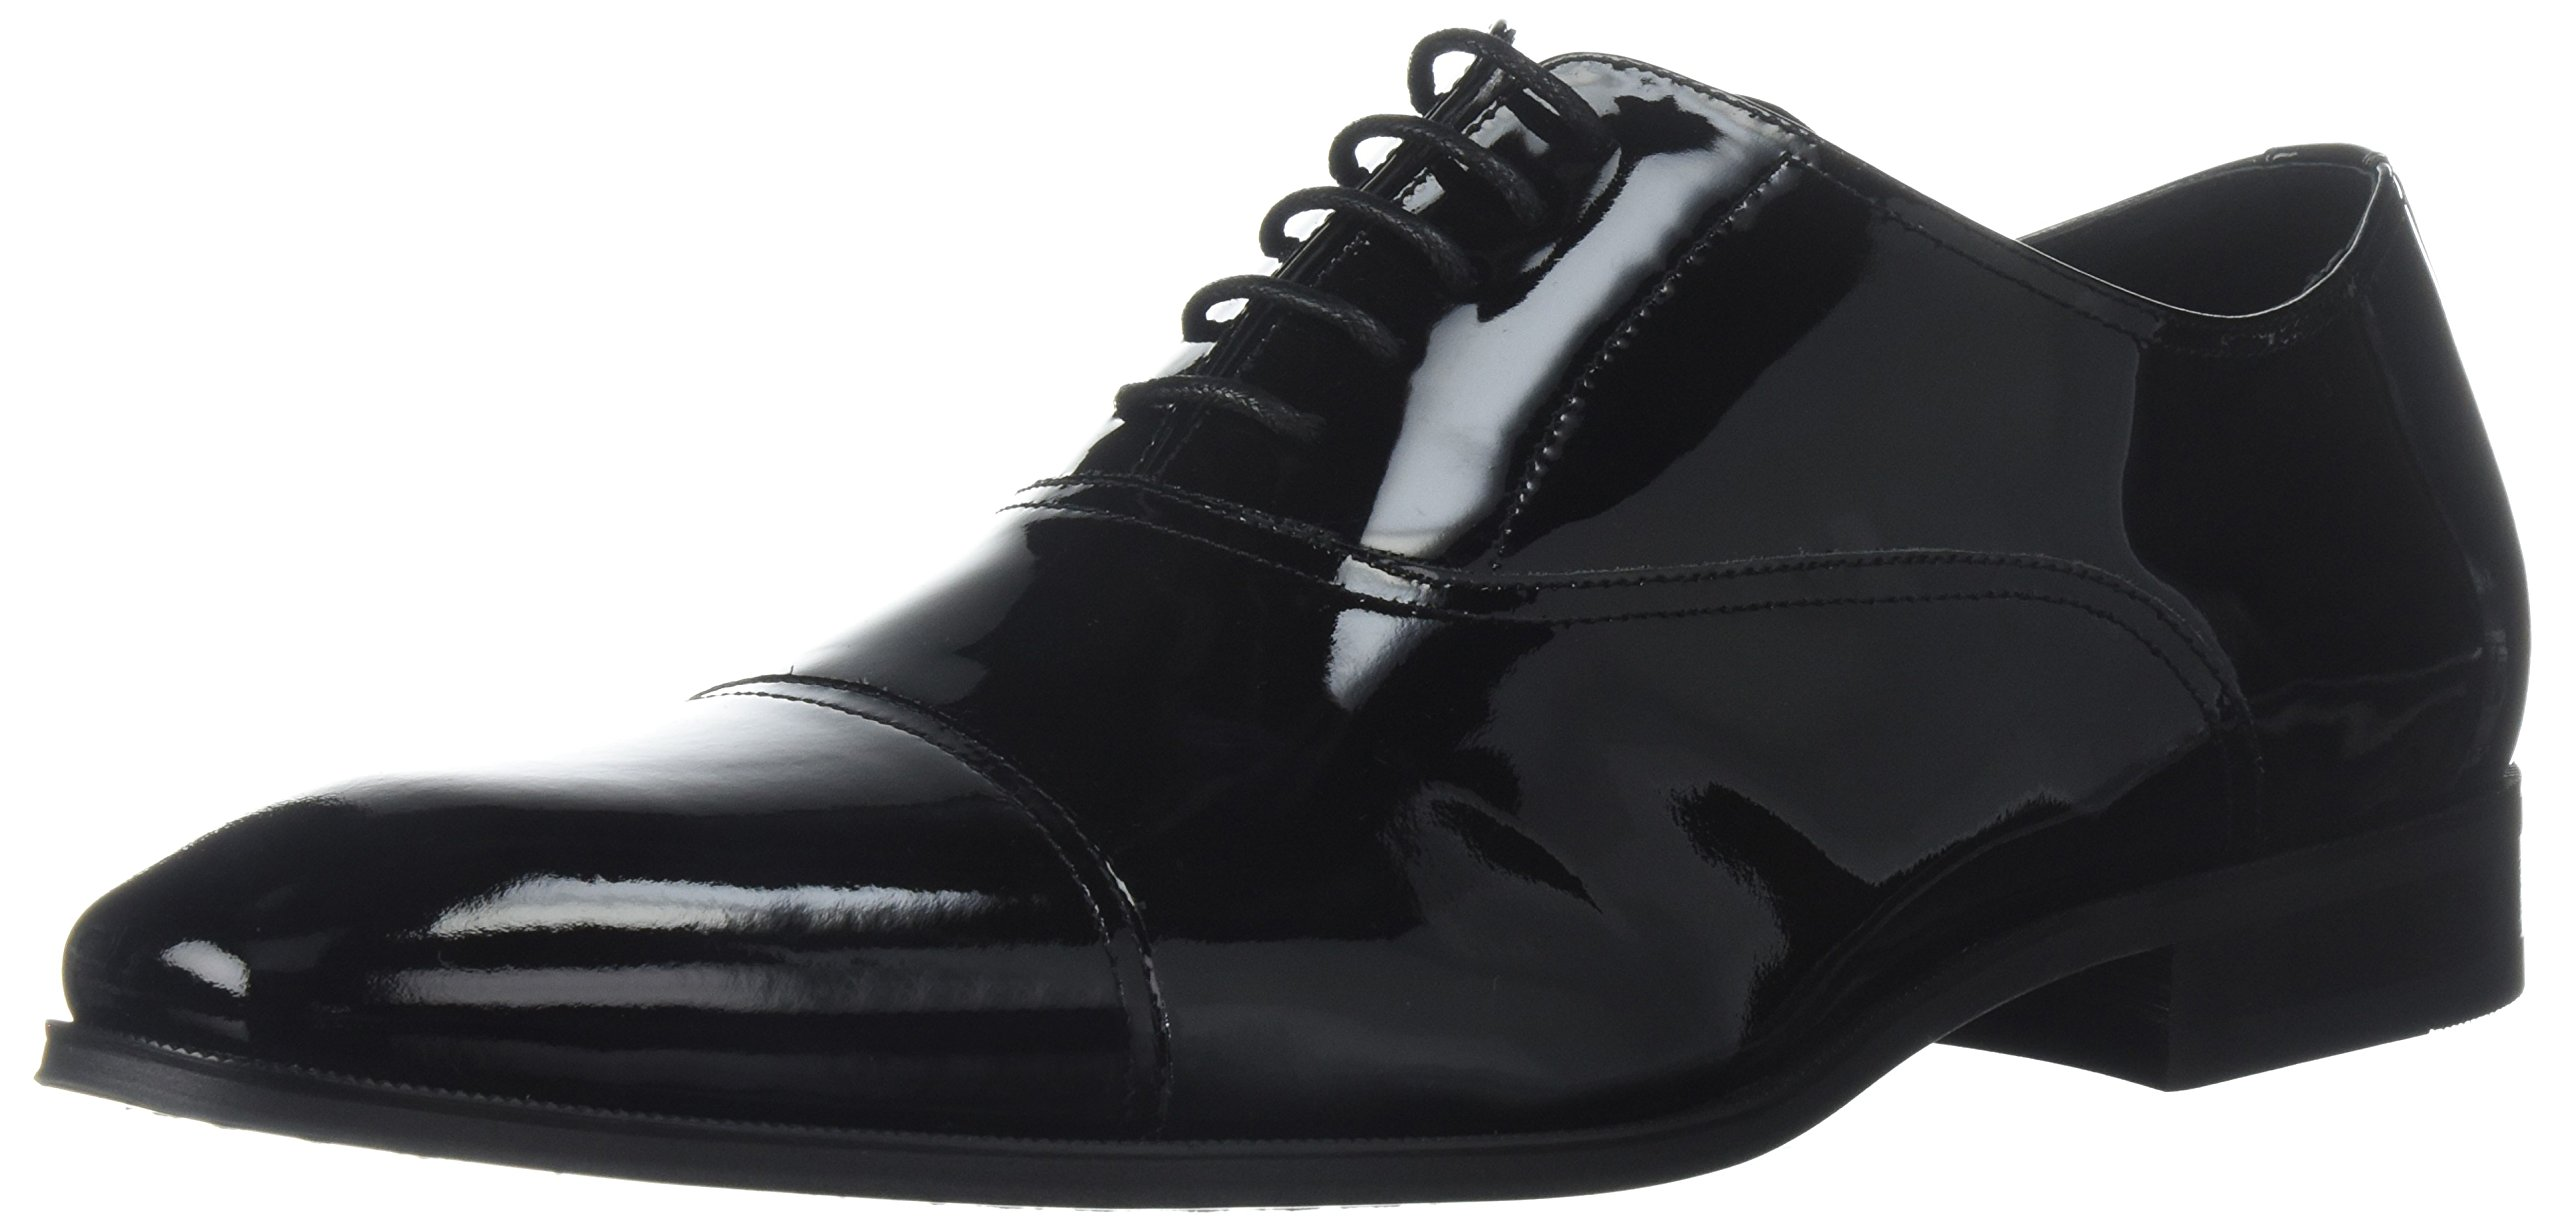 Florsheim Men's Tux Cap Toe Tuxedo Formal Oxford, Black Patent, 10.5 D US